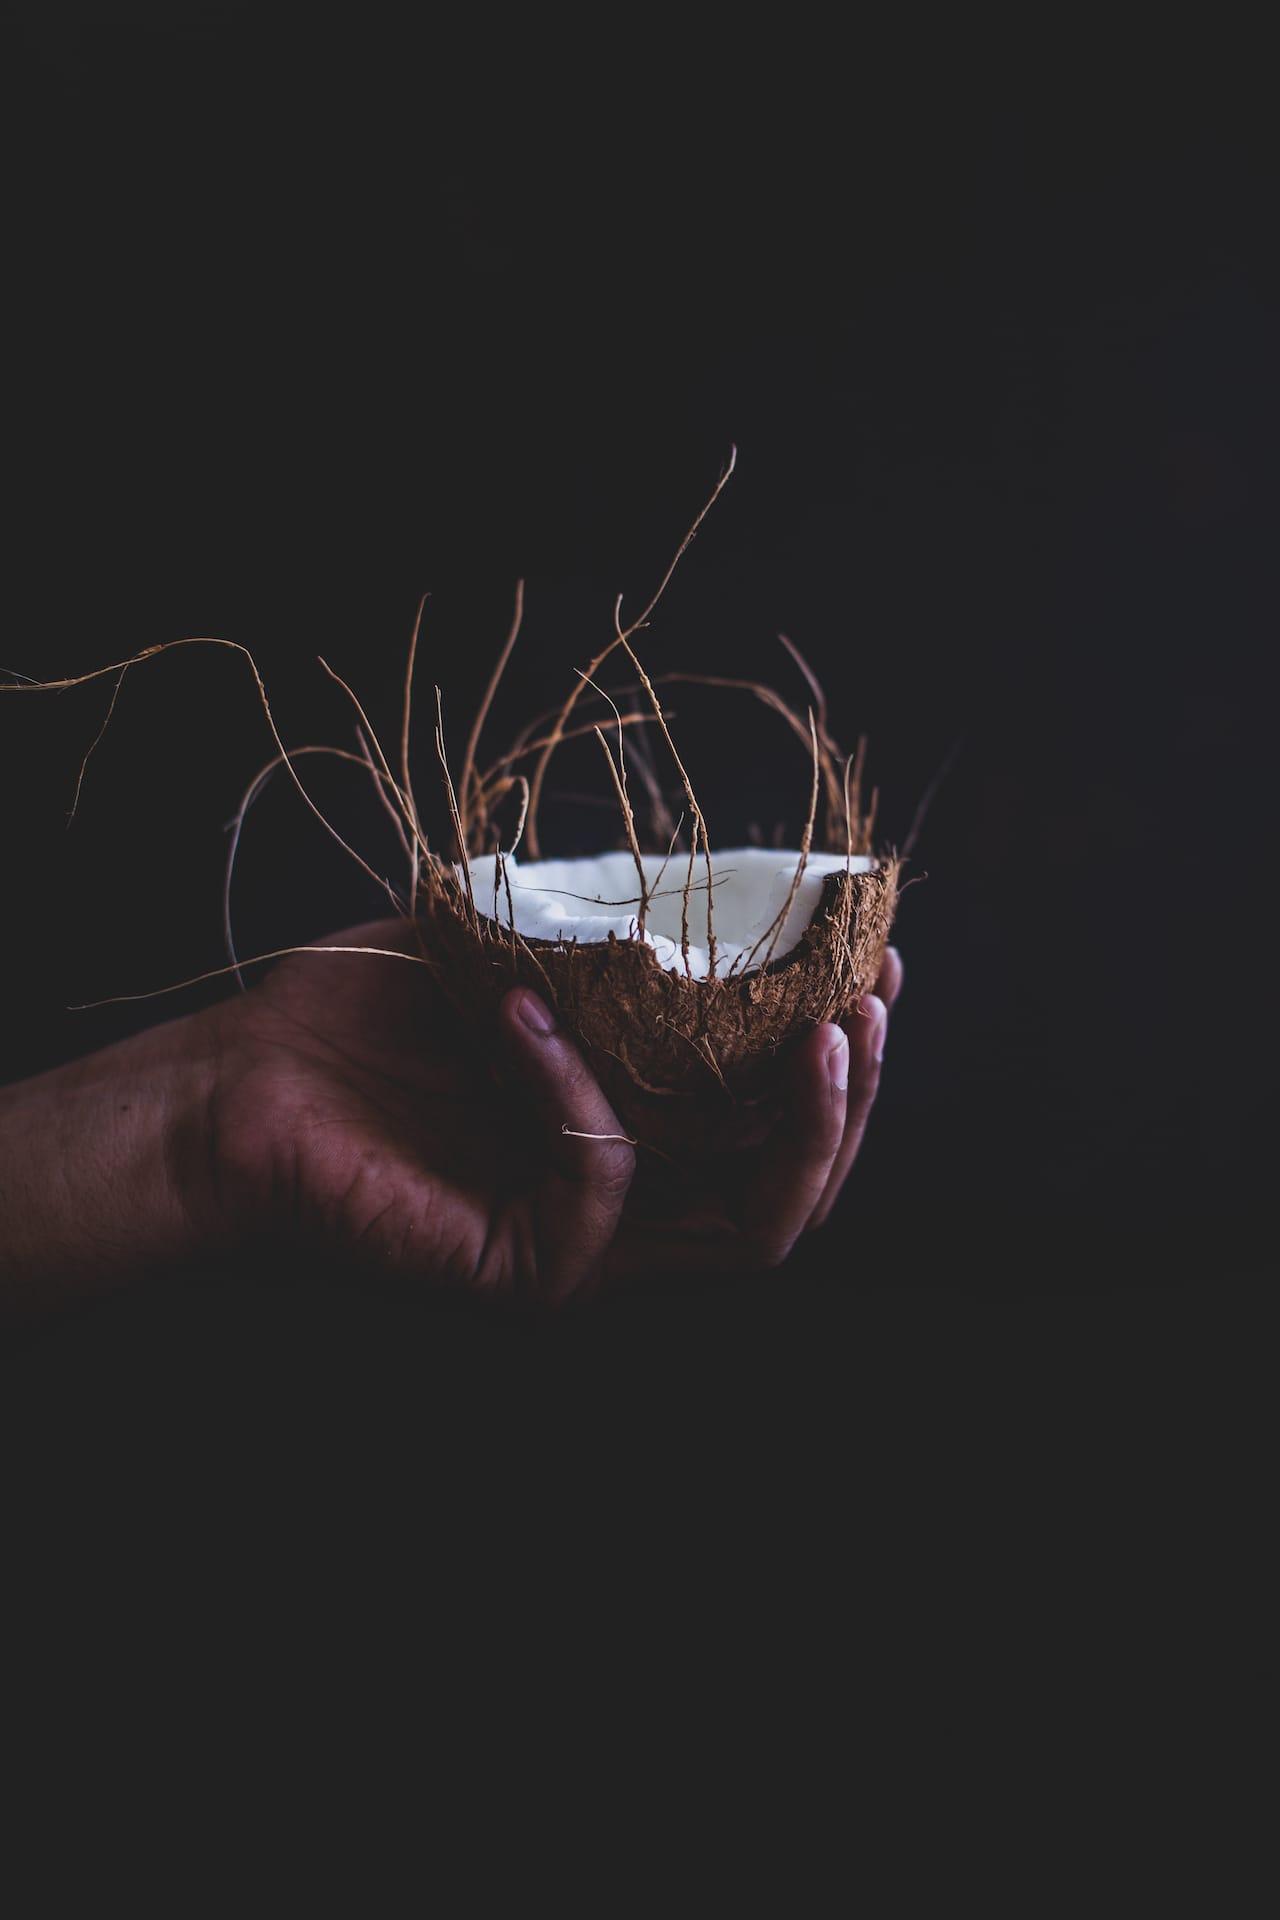 Coconut | Photography - Kankana Saxena (Playful Cooking)